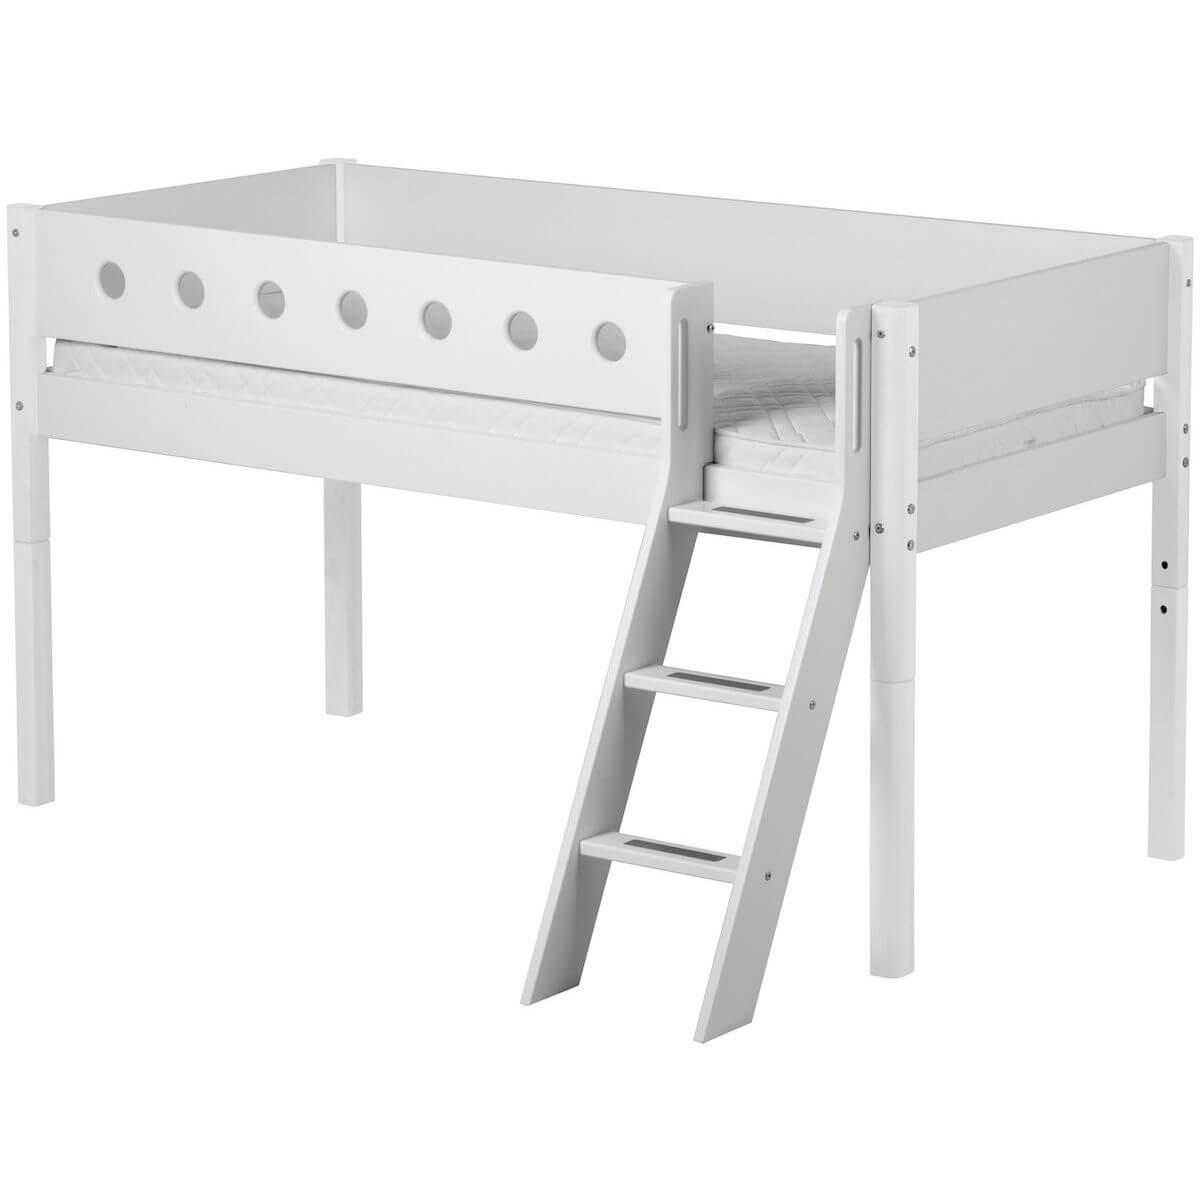 Cama media alta 90x190 WHITE Flexa escalera inclinada barrera y patas blancas